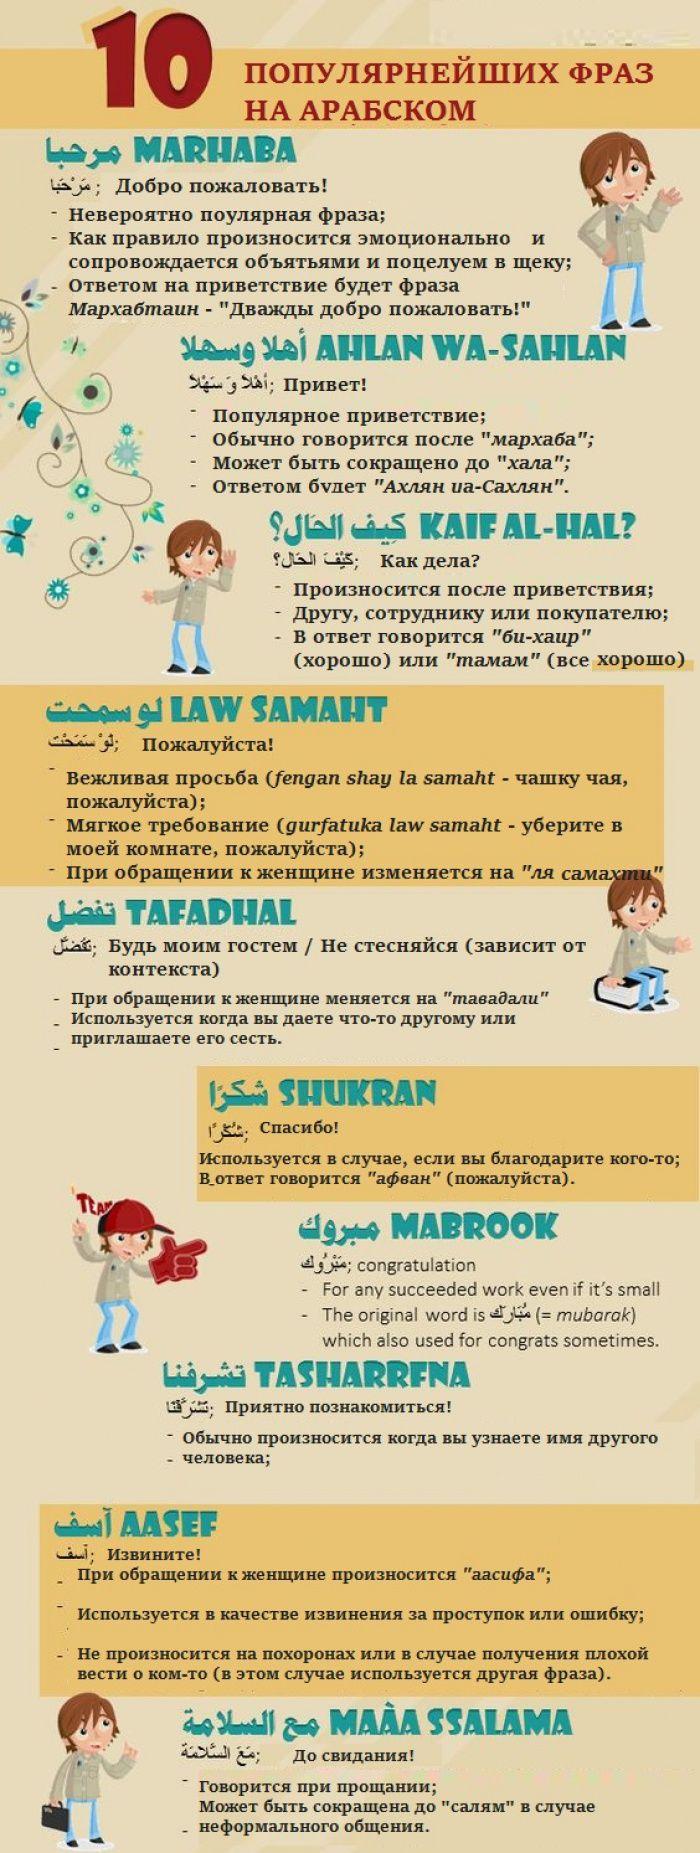 10 популярнейших фраз на арабском